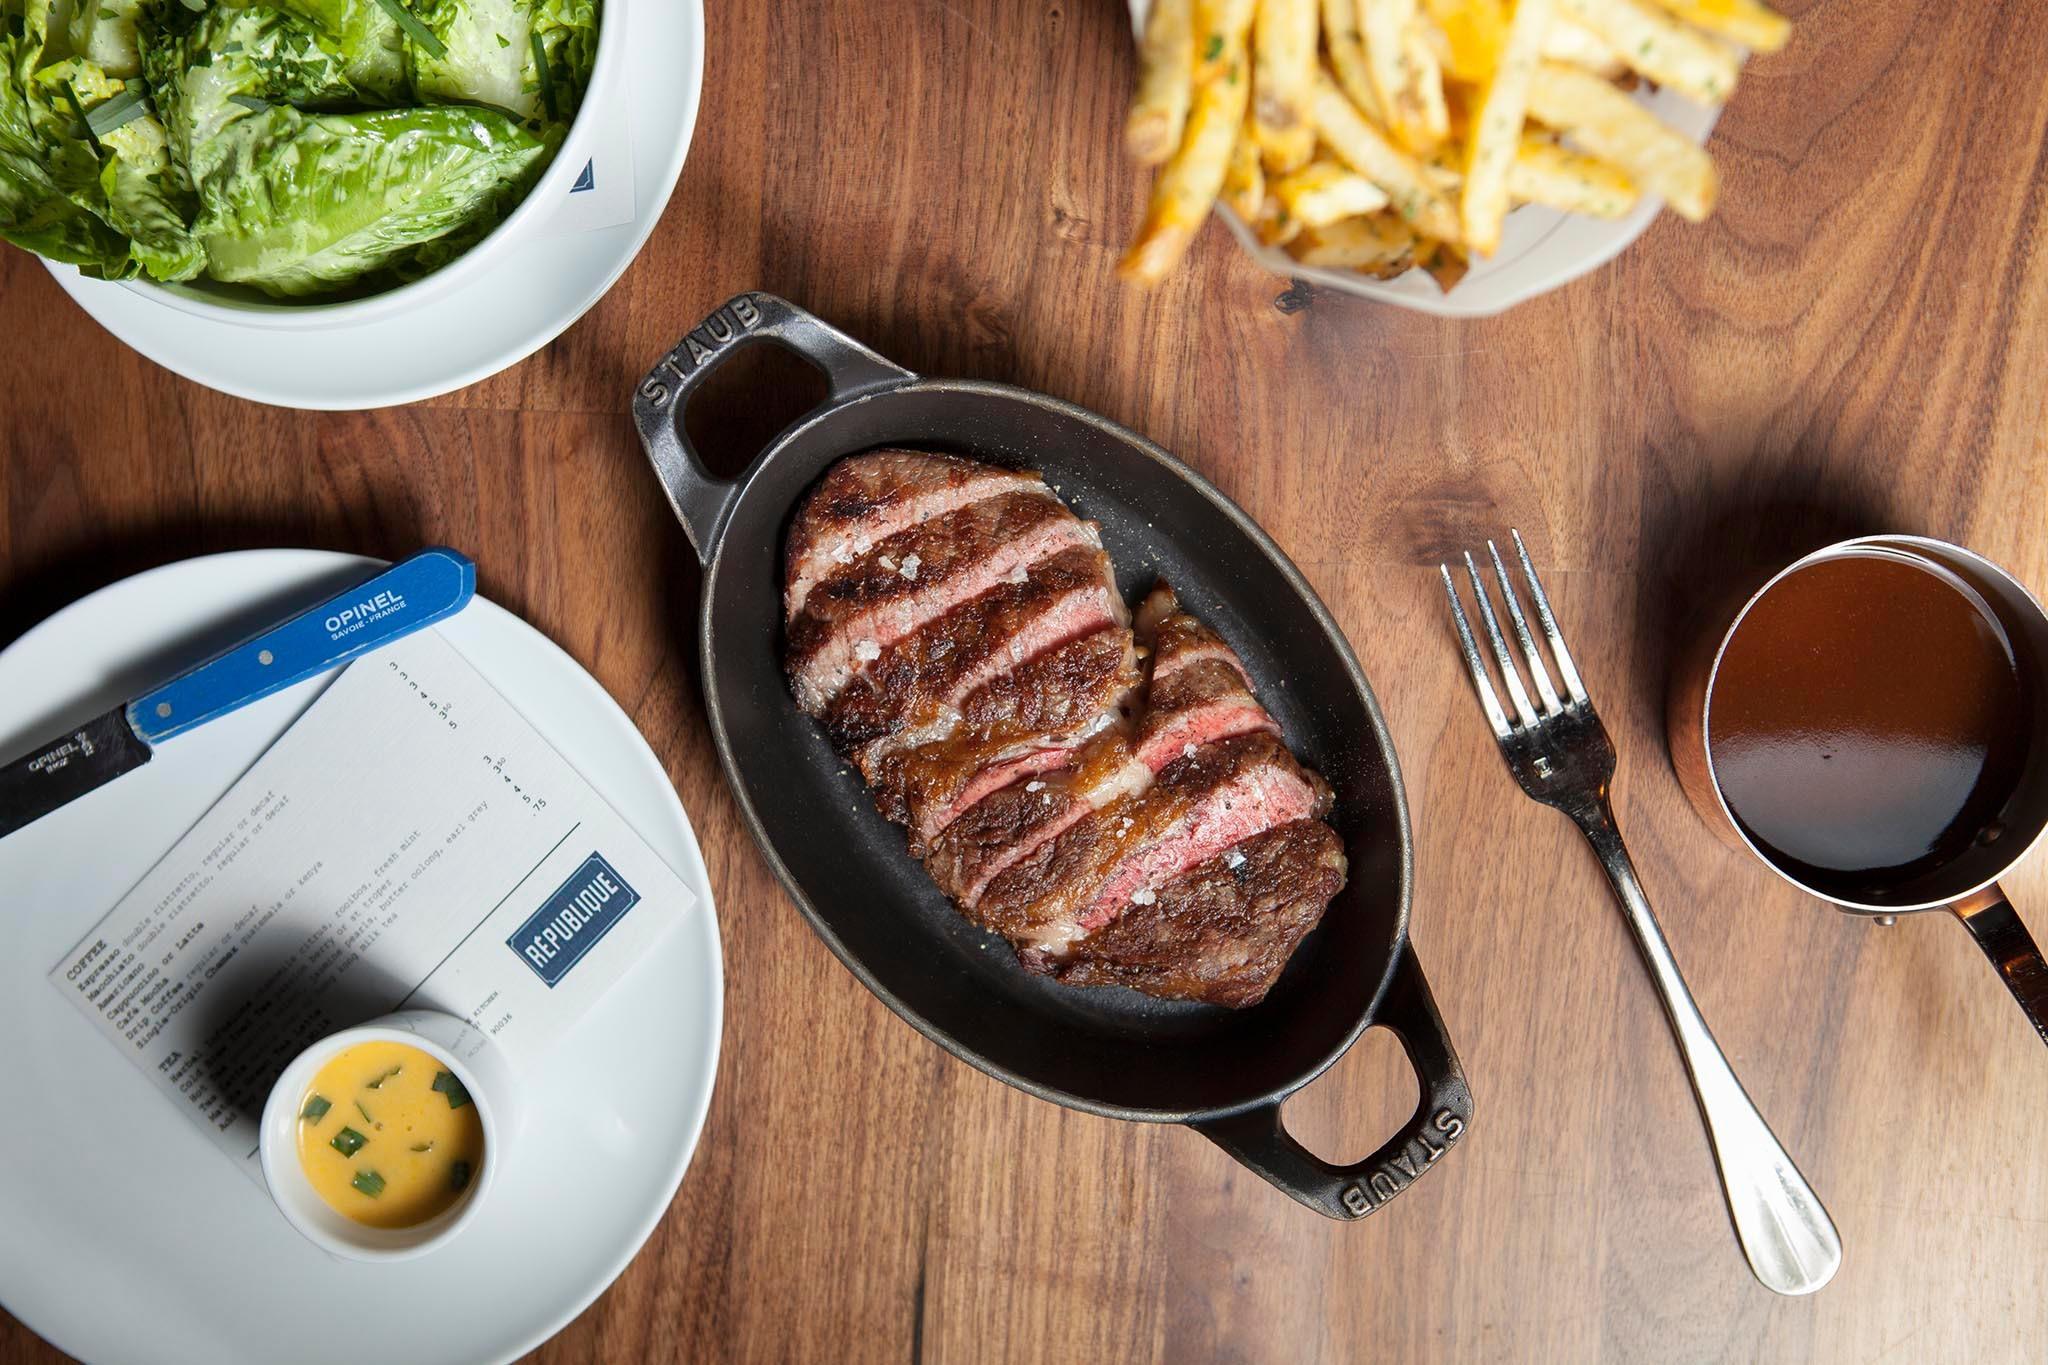 Steak frites at République